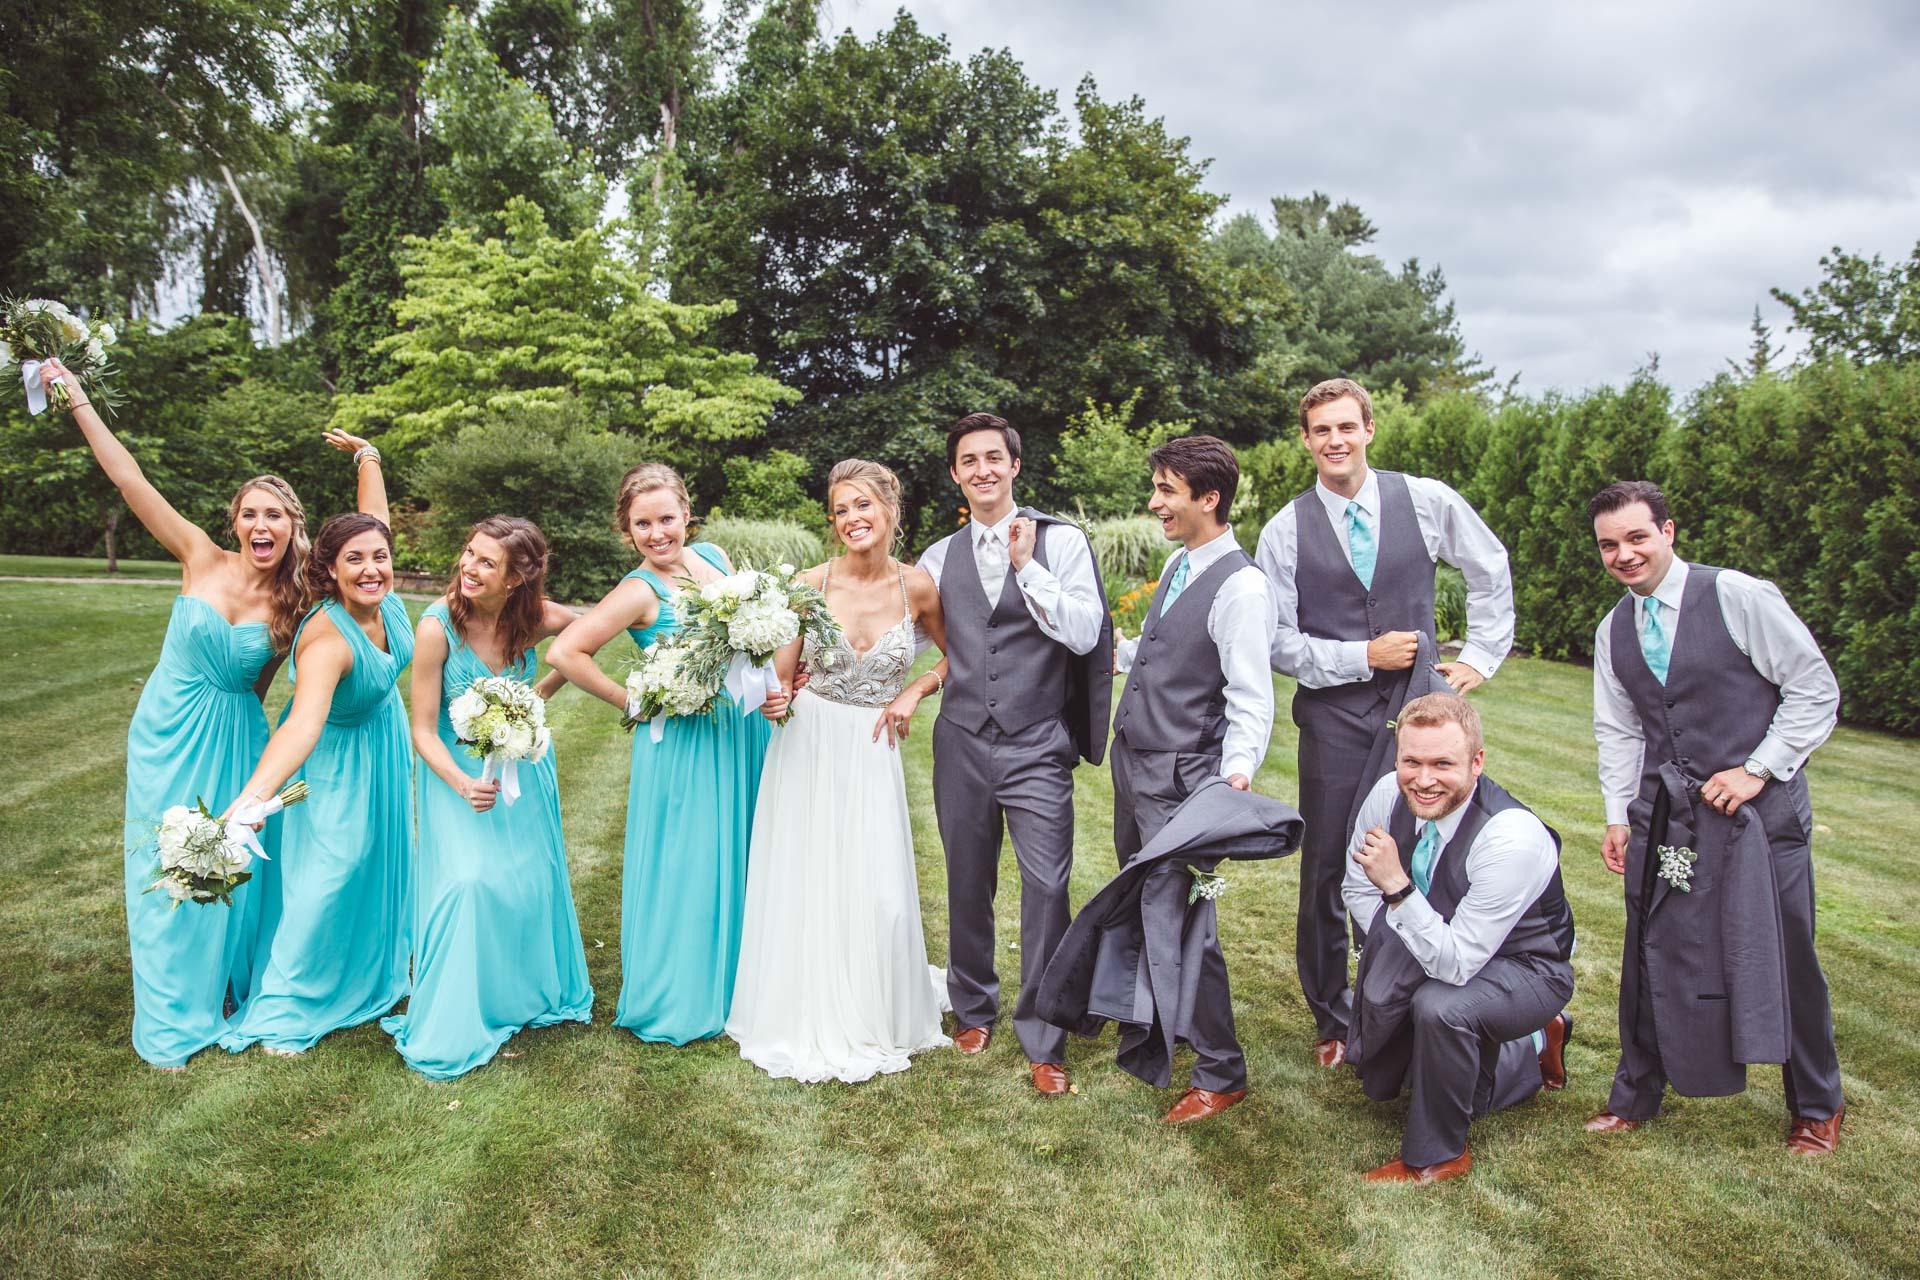 Farmington-Gardens-Wedding-Photos (37 of 66).jpg